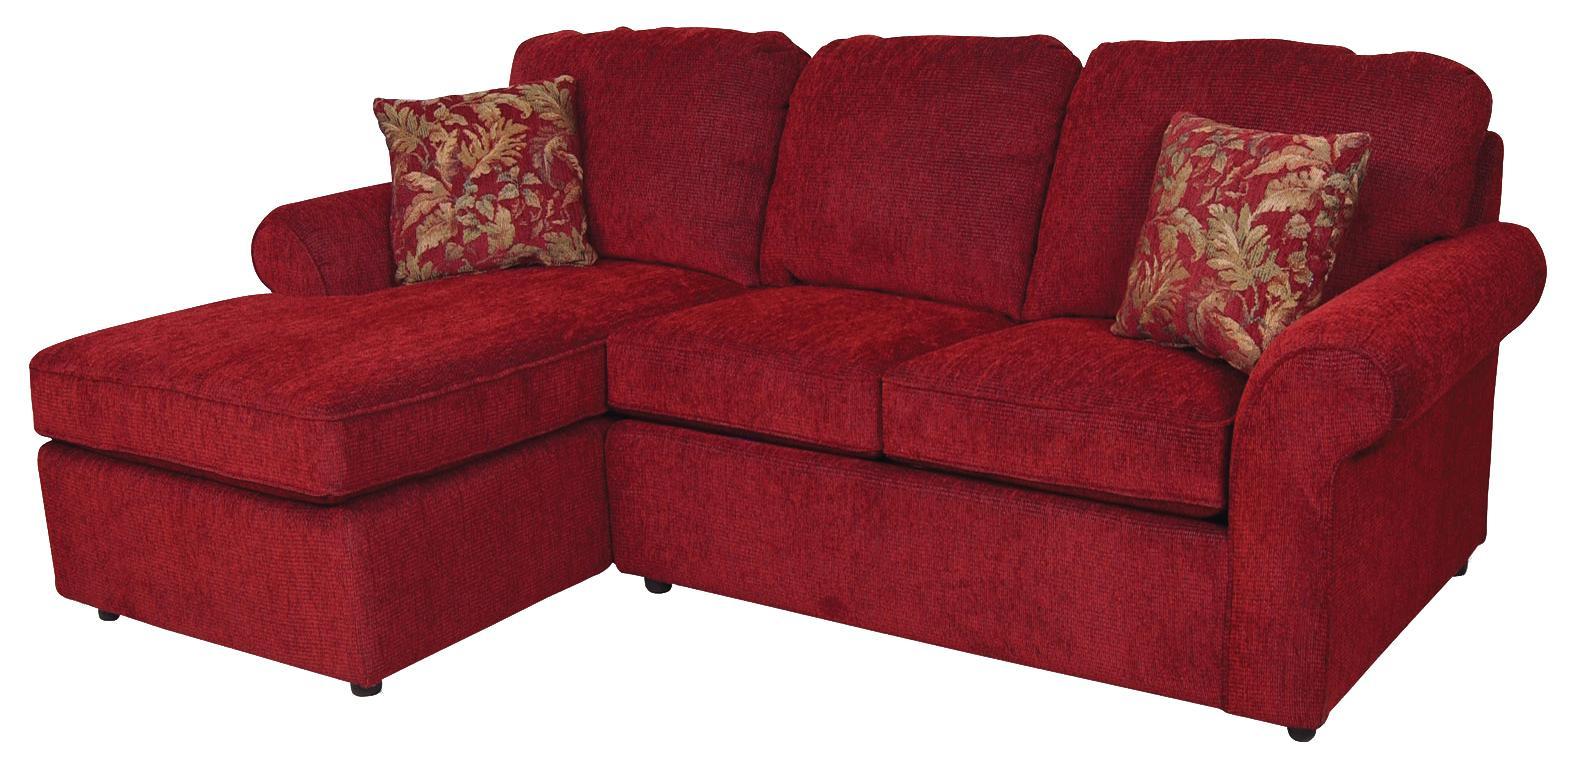 England Malibu 3 Seat Left Side Chaise Sofa Ahfa